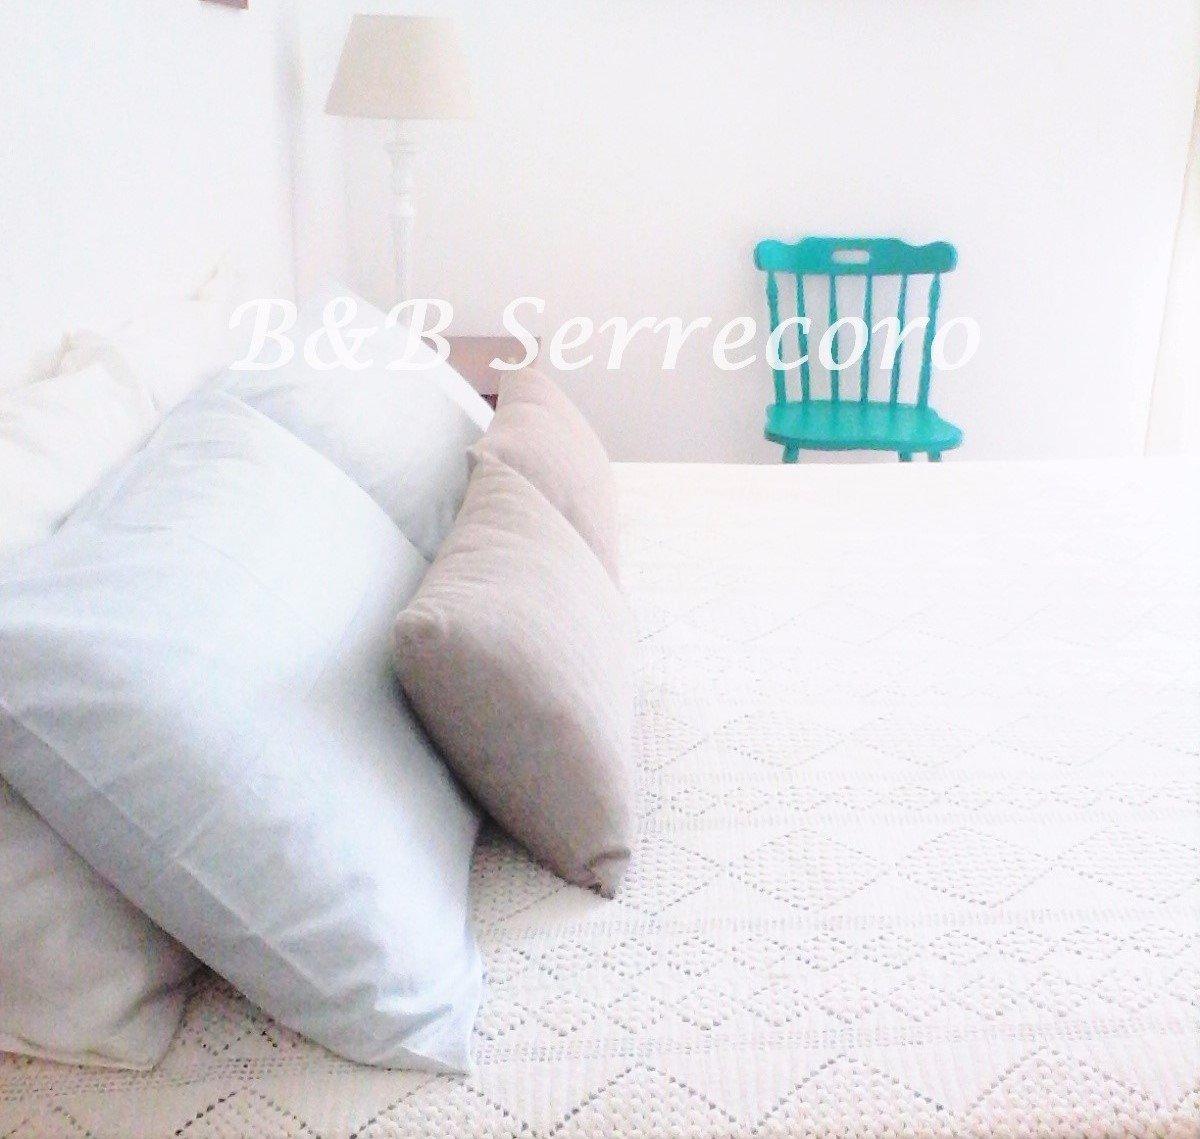 Bed and Breakfast  Serrecoro